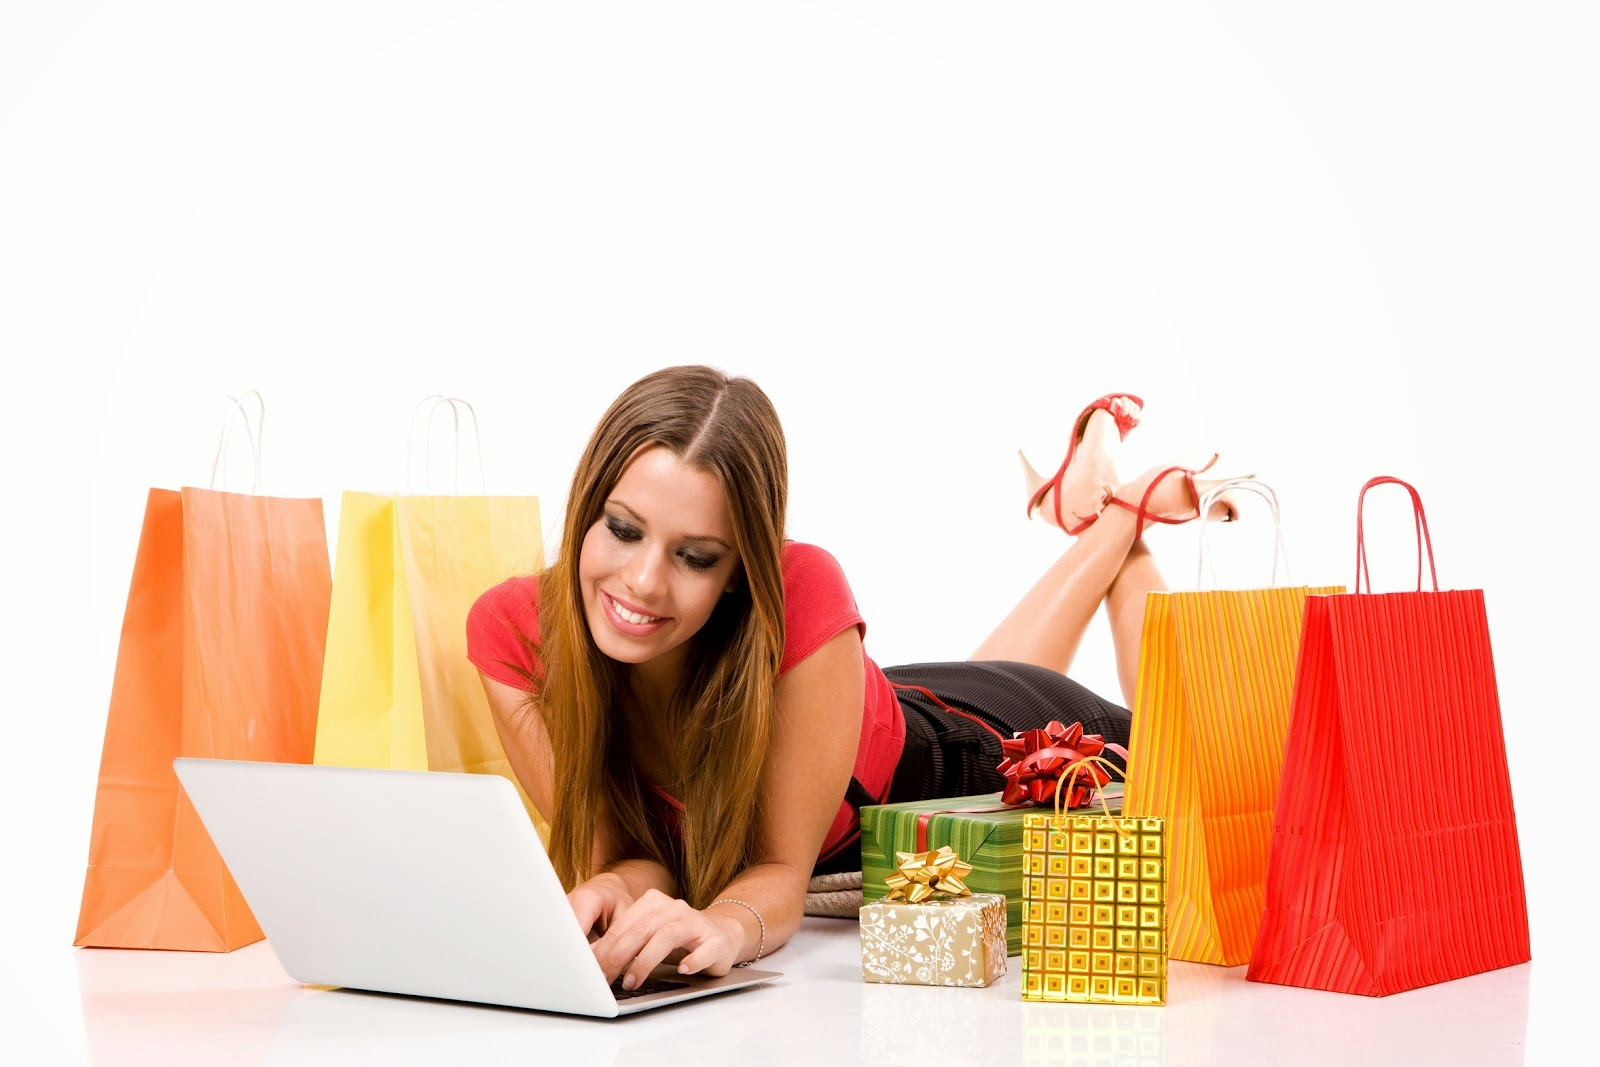 Las compras online